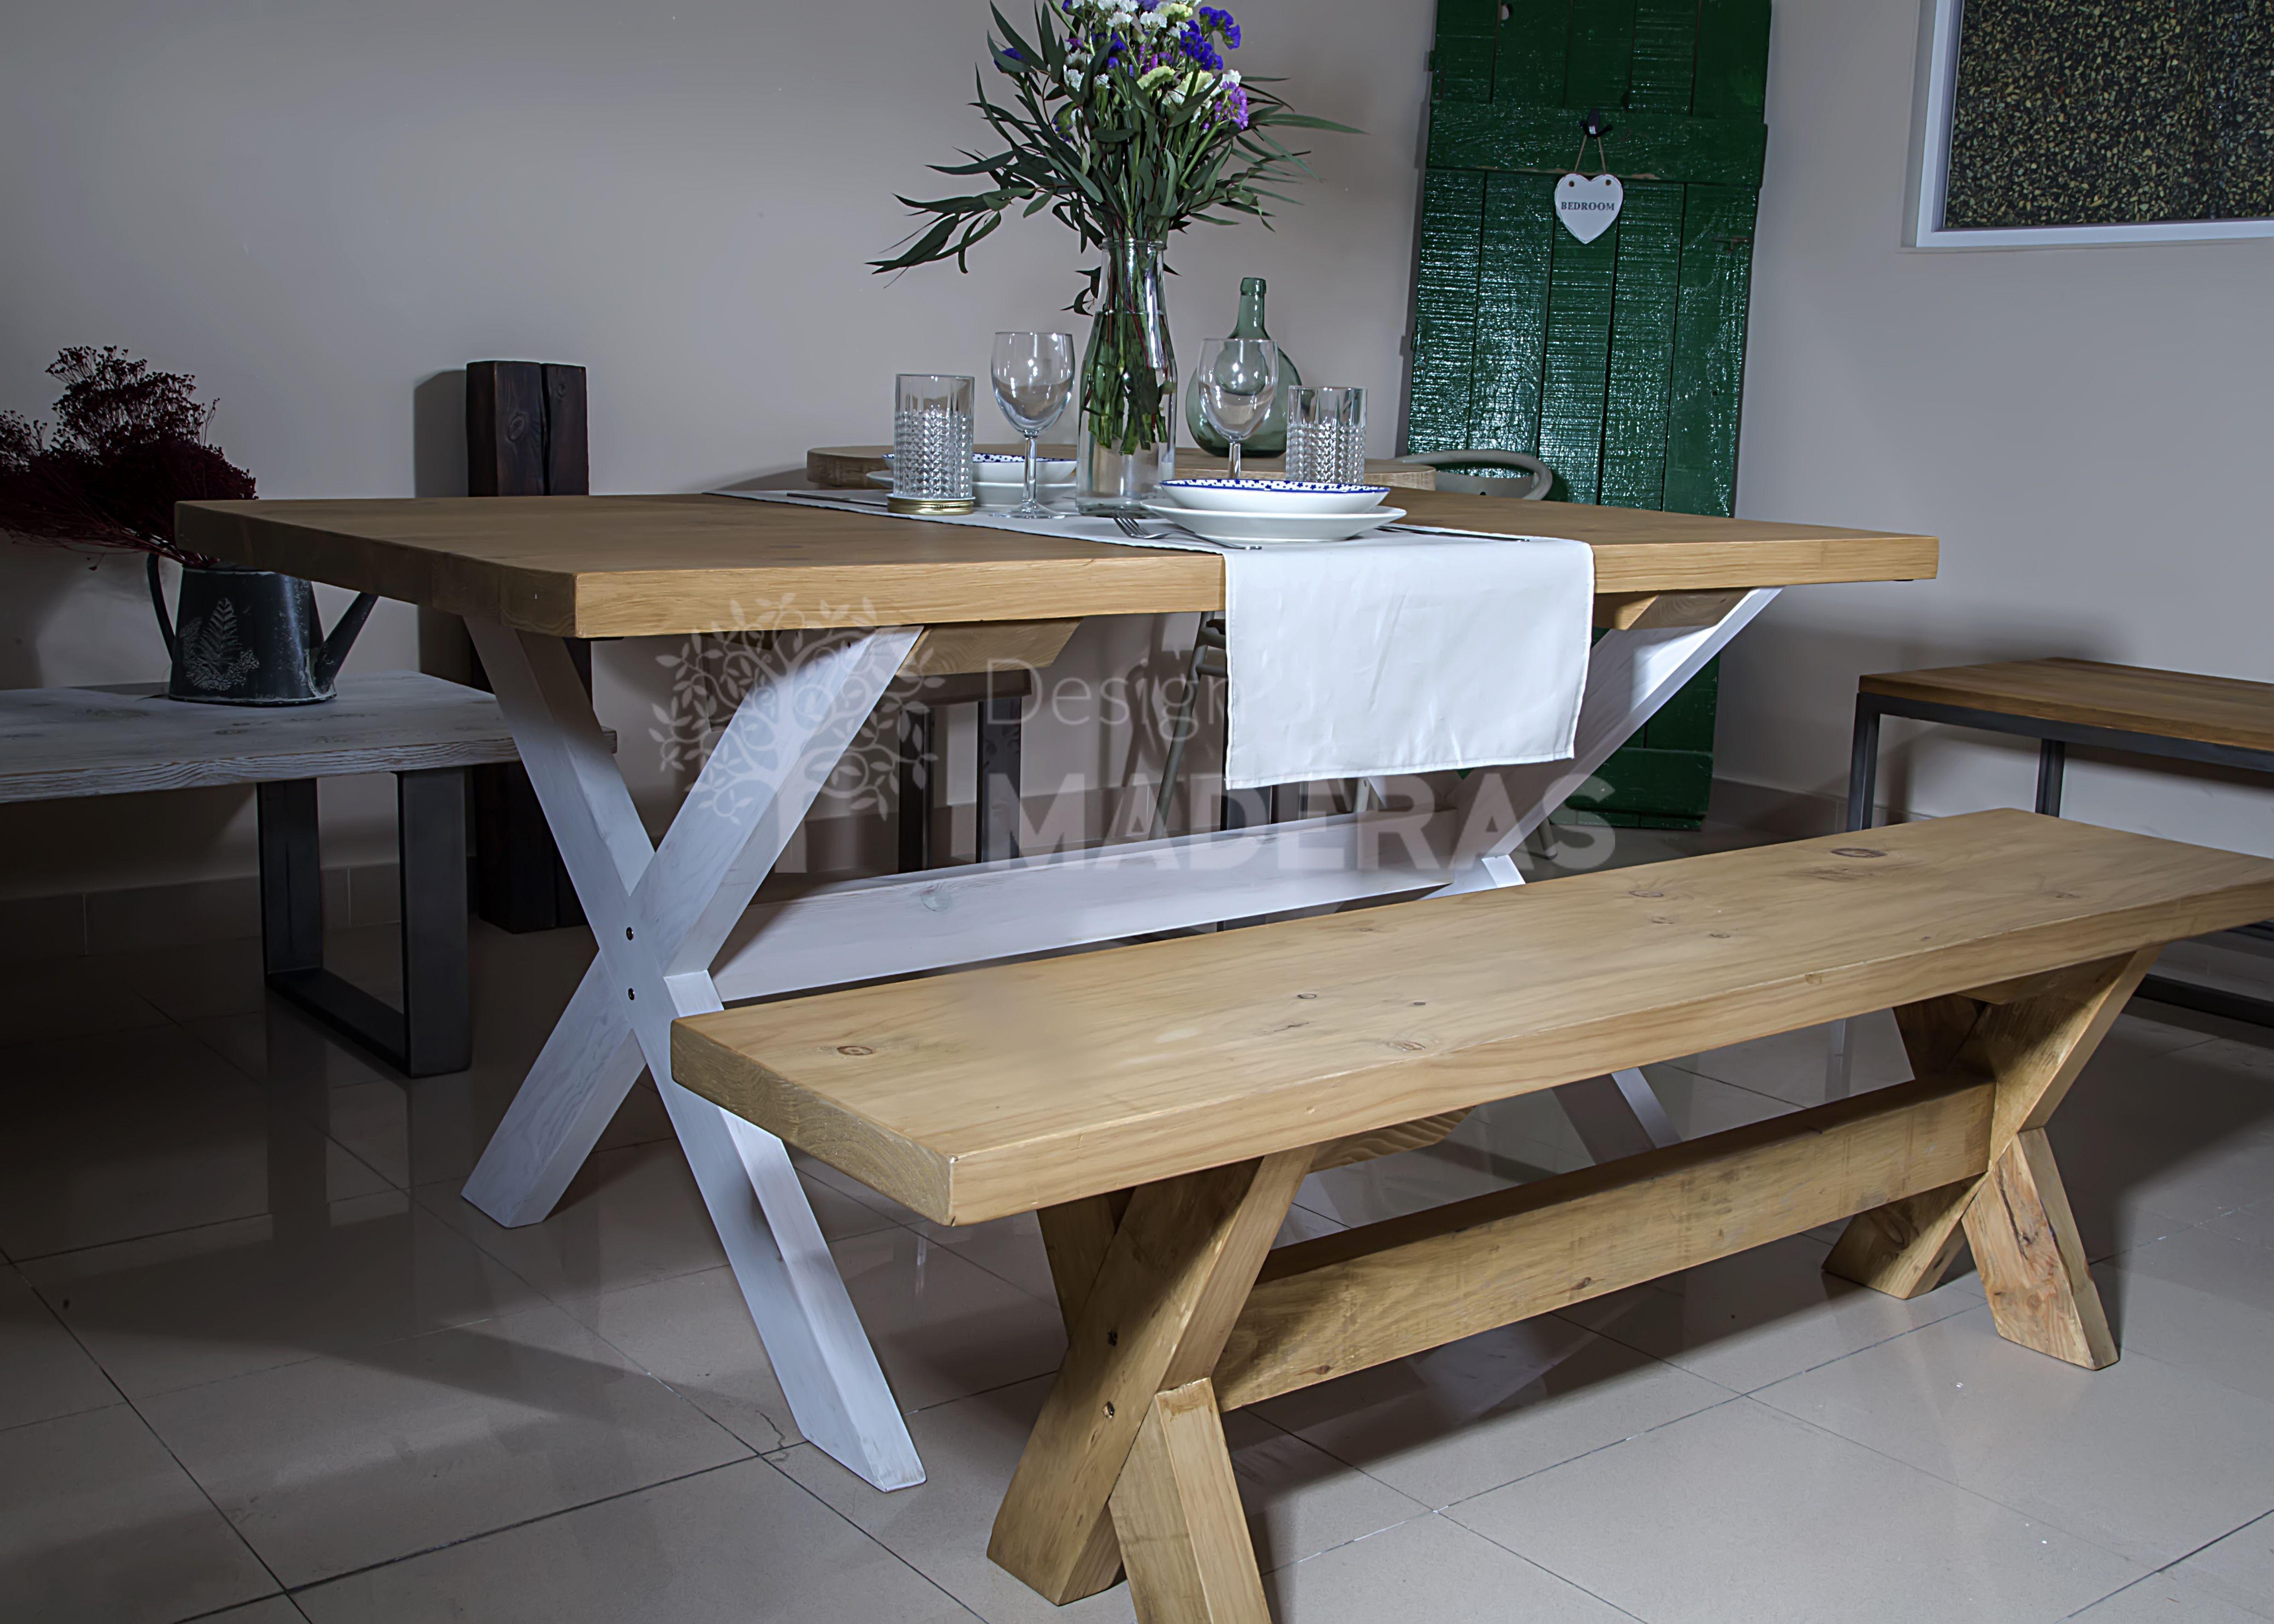 Mesa y banco modelos santorini de madera maciza natural for Quiero ver comedores